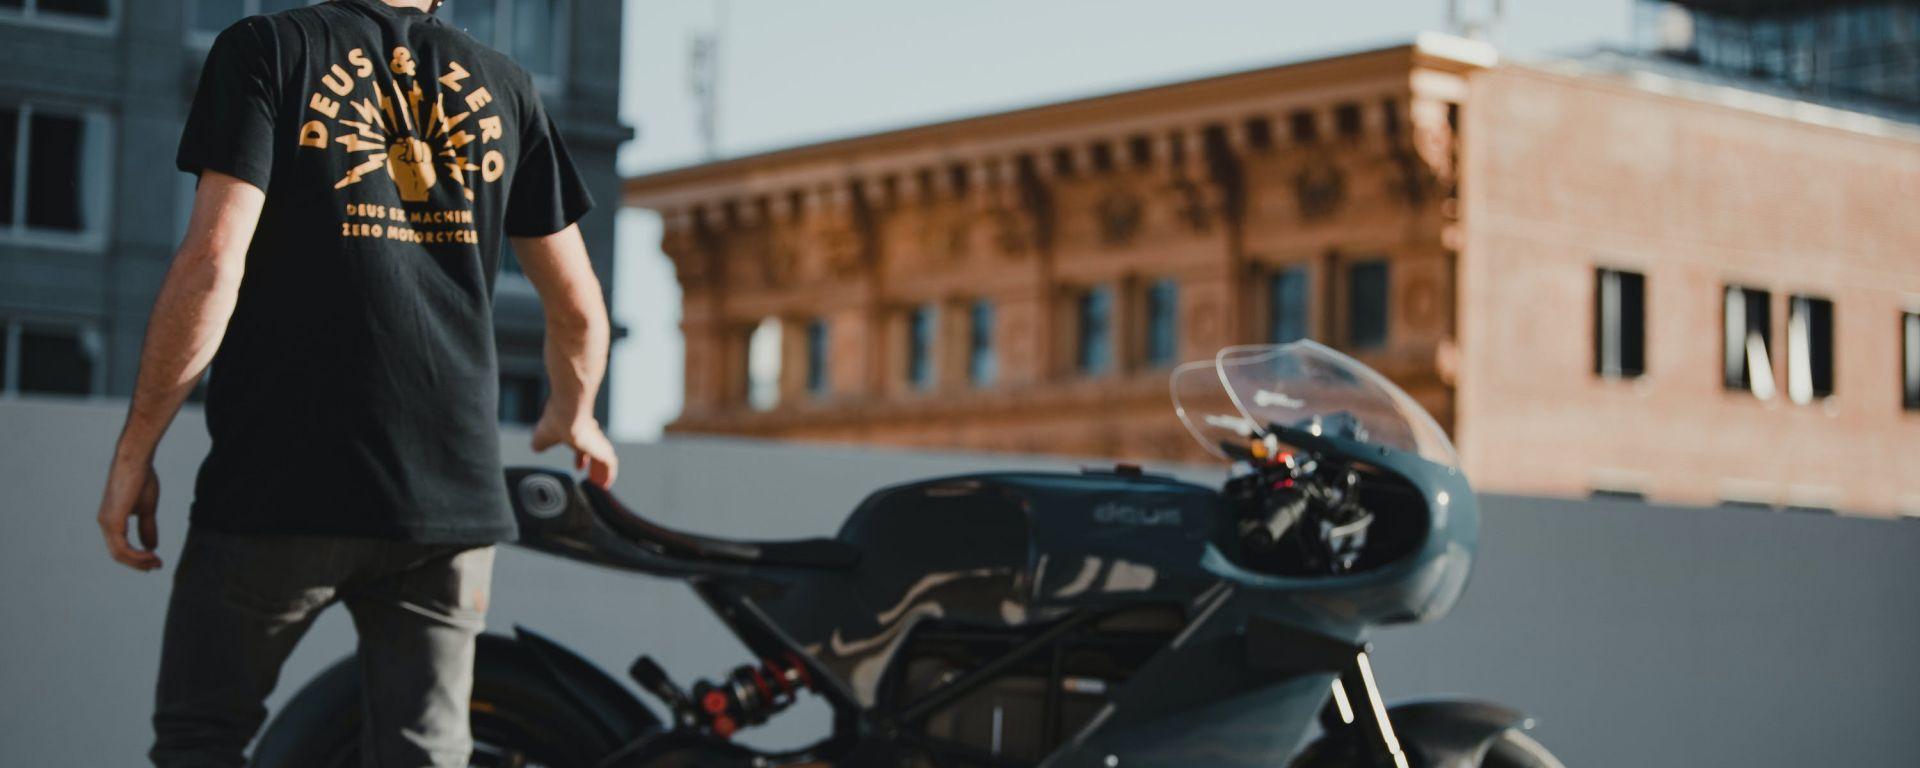 Deus Ex Machina svela la prima special elettrica su base Zero Motorycles SR/S